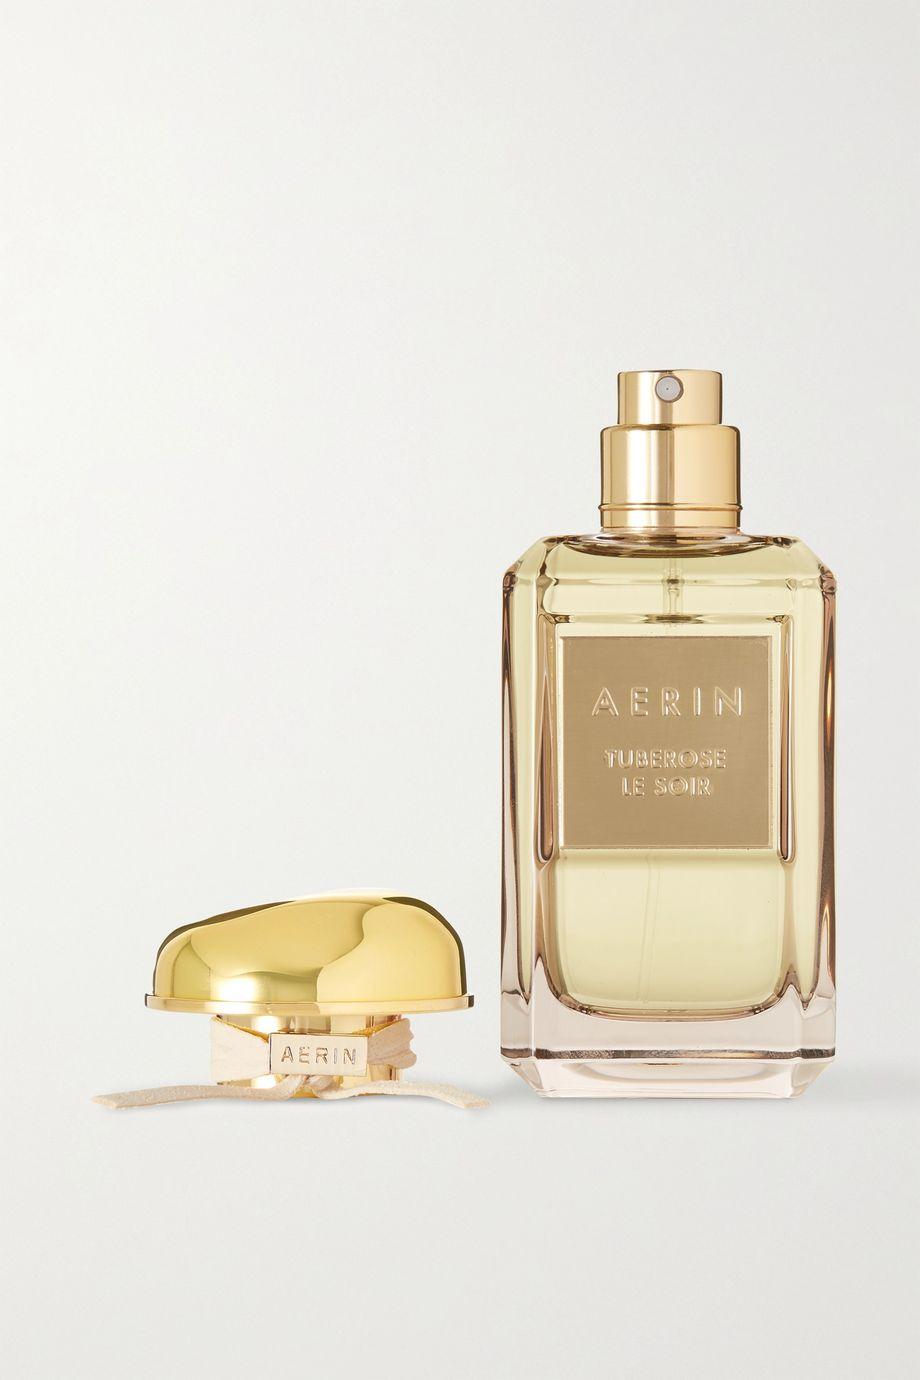 AERIN Beauty Tuberose Le Soir Eau de Parfum, 50ml